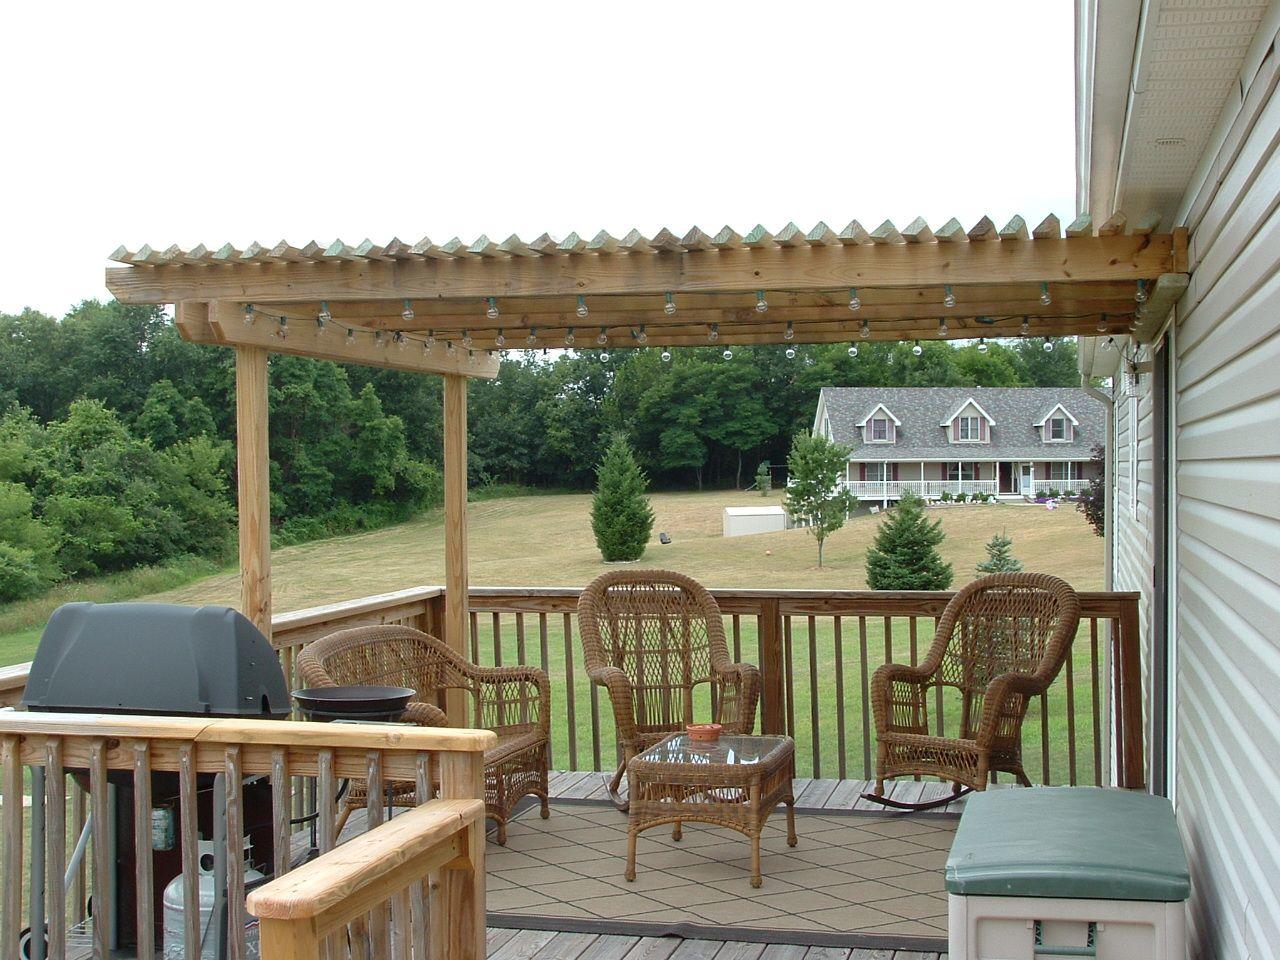 Pergola Added To Existing Deck Pergola Plans Roofs Building A Pergola Pergola Plans